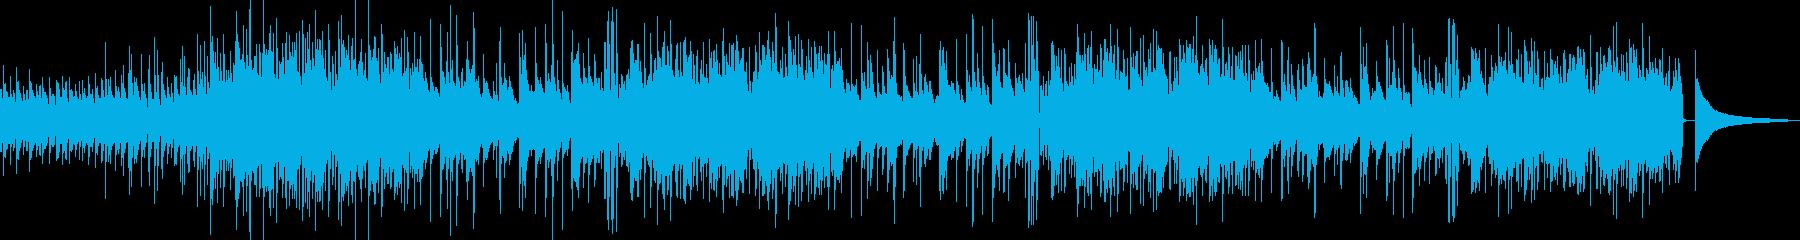 ゆったりしたアコギの日常系BGM ロングの再生済みの波形